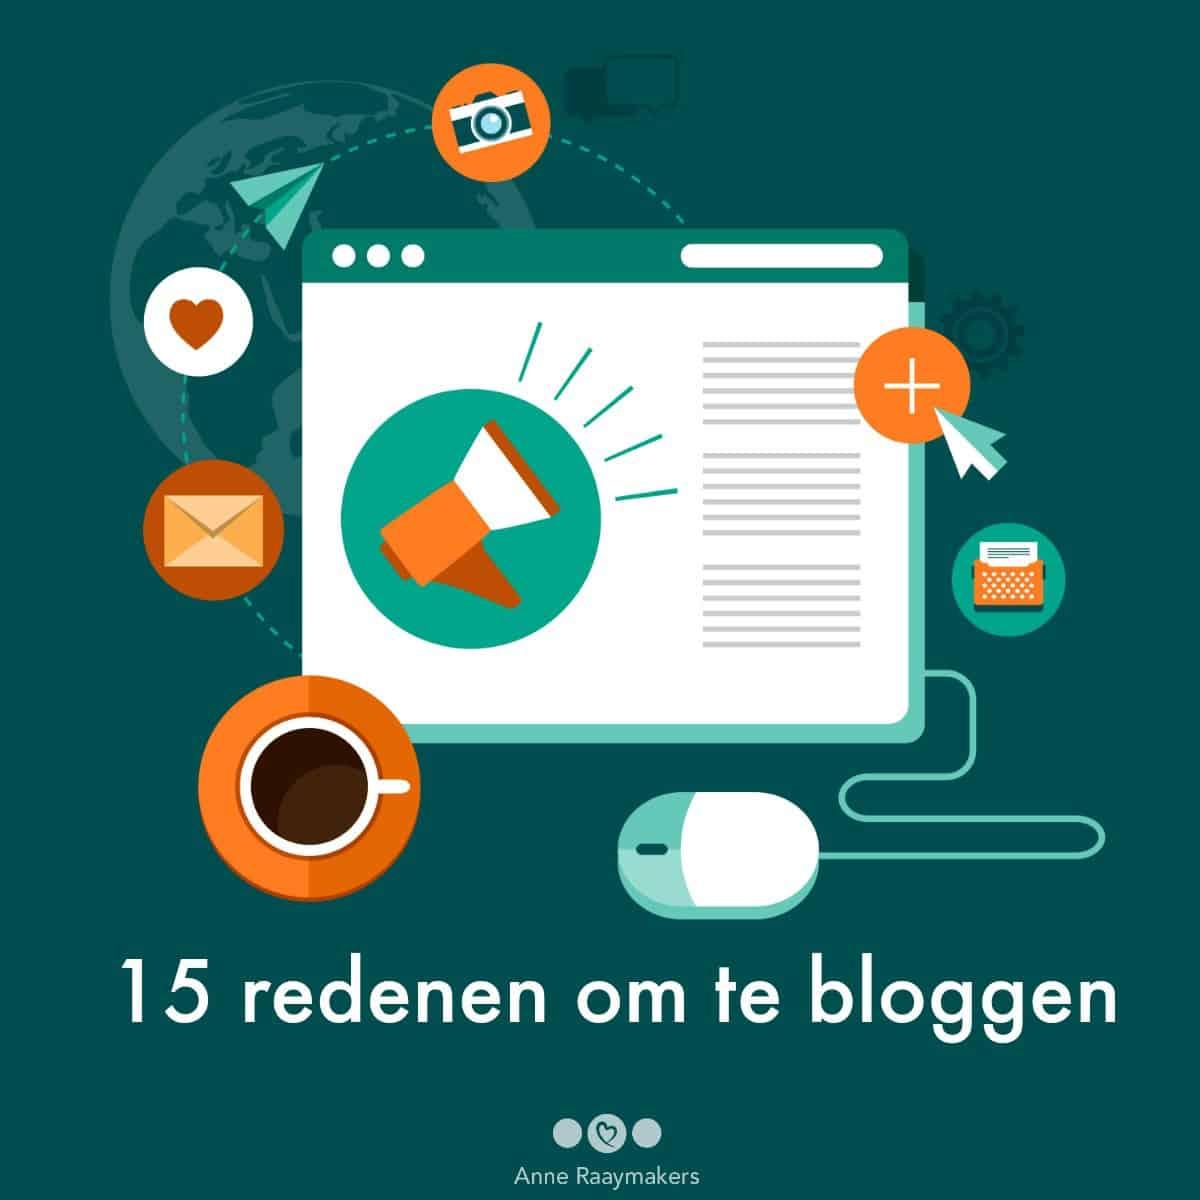 15 redenen om te bloggen